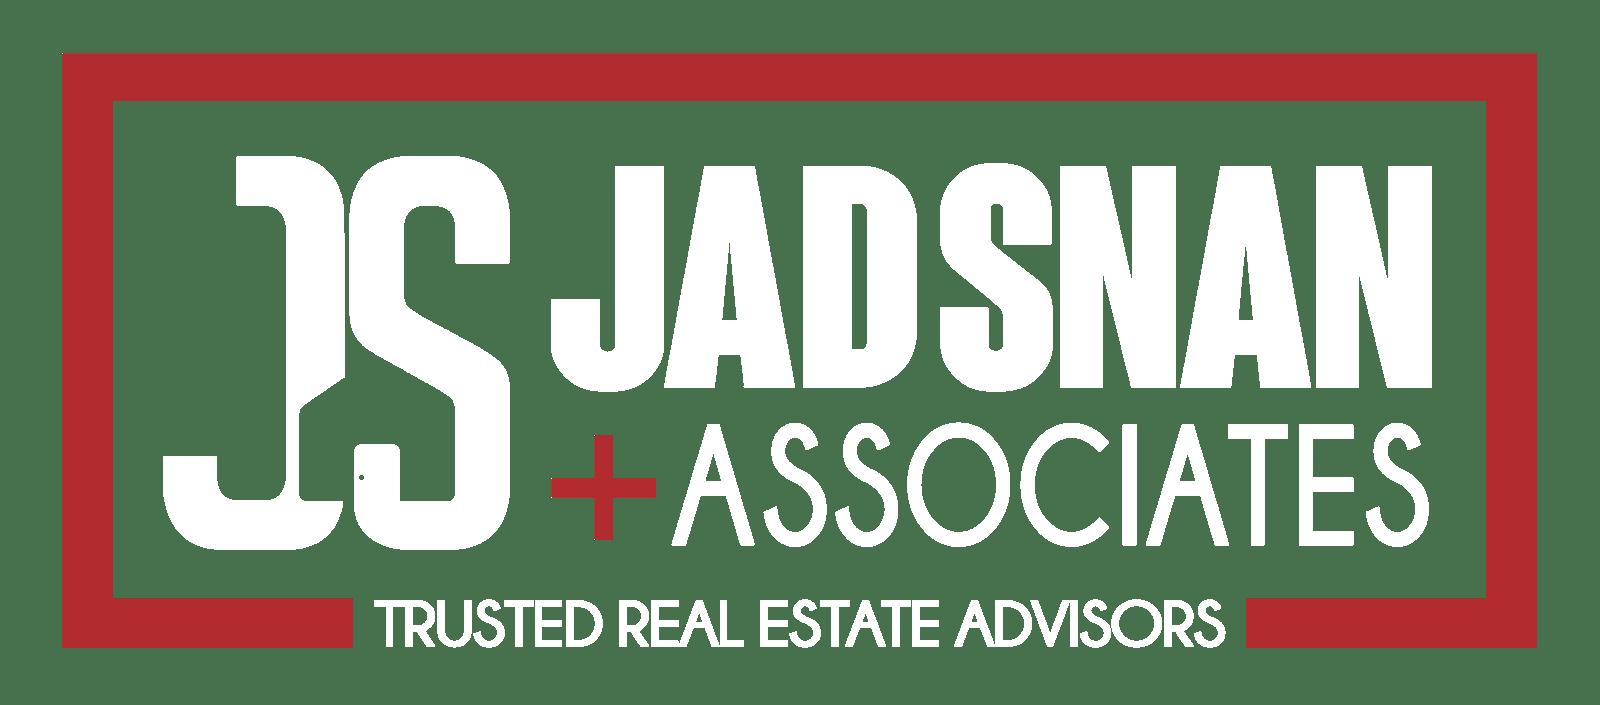 Jad Snan & Associates